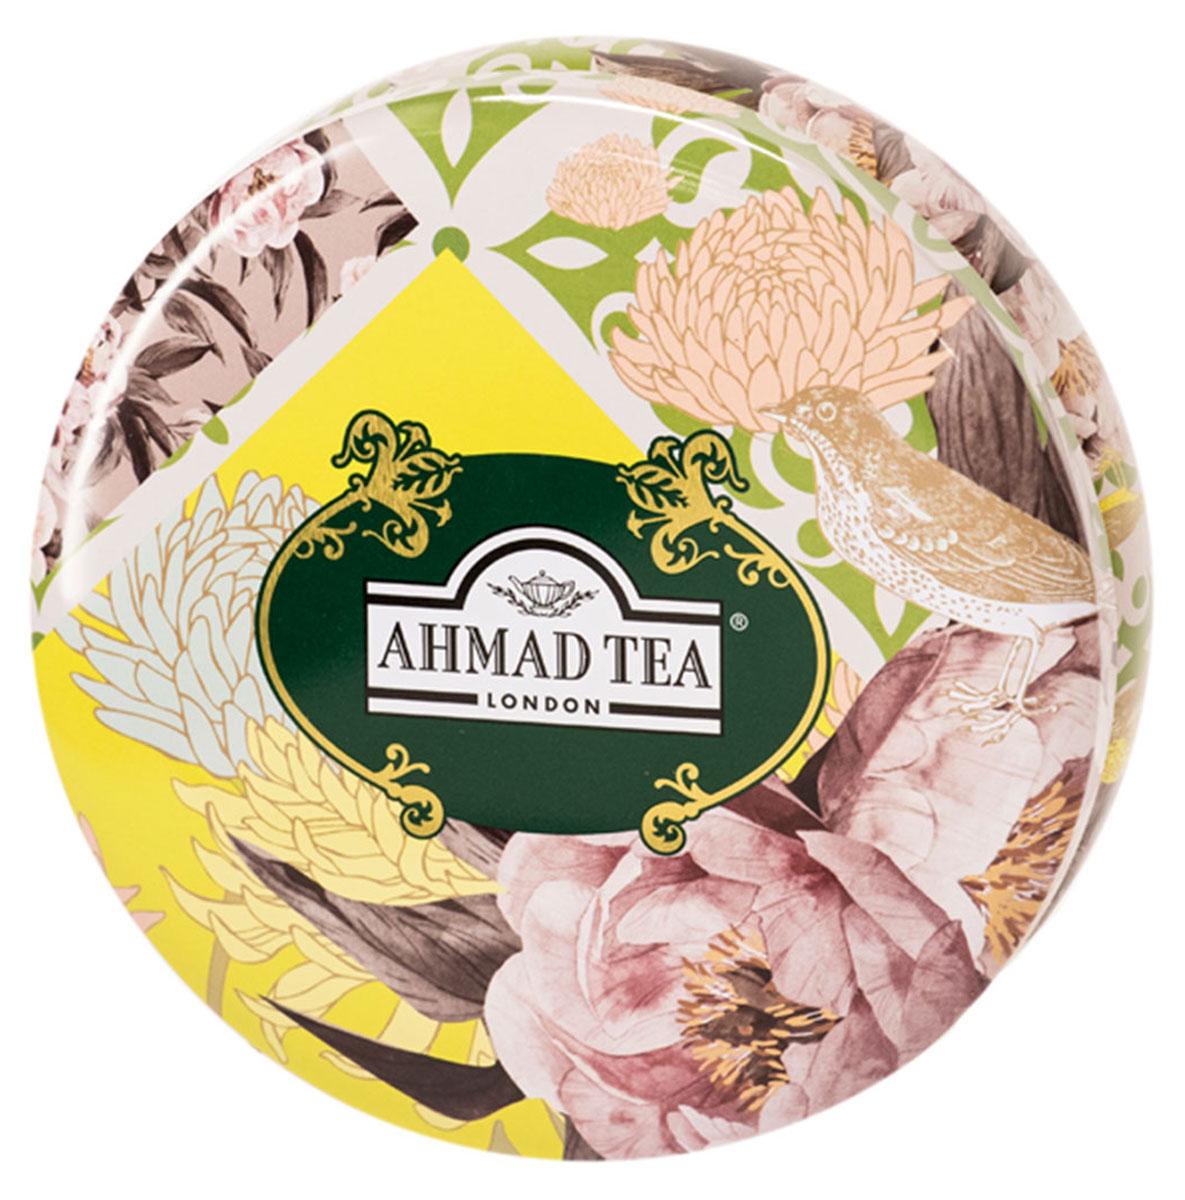 Ahmad Tea Весенняя Мята зеленый листовой чай с мятой, мелиссой и лимонным сорго, 100 г (ж/б)101246Ahmad Tea Весенняя Мята представляет собой купаж деликатного китайского зеленого чая и мелиссы с утонченным послевкусием цитрусовых. Мятный вкус сопровождает свежая нота лимонника.